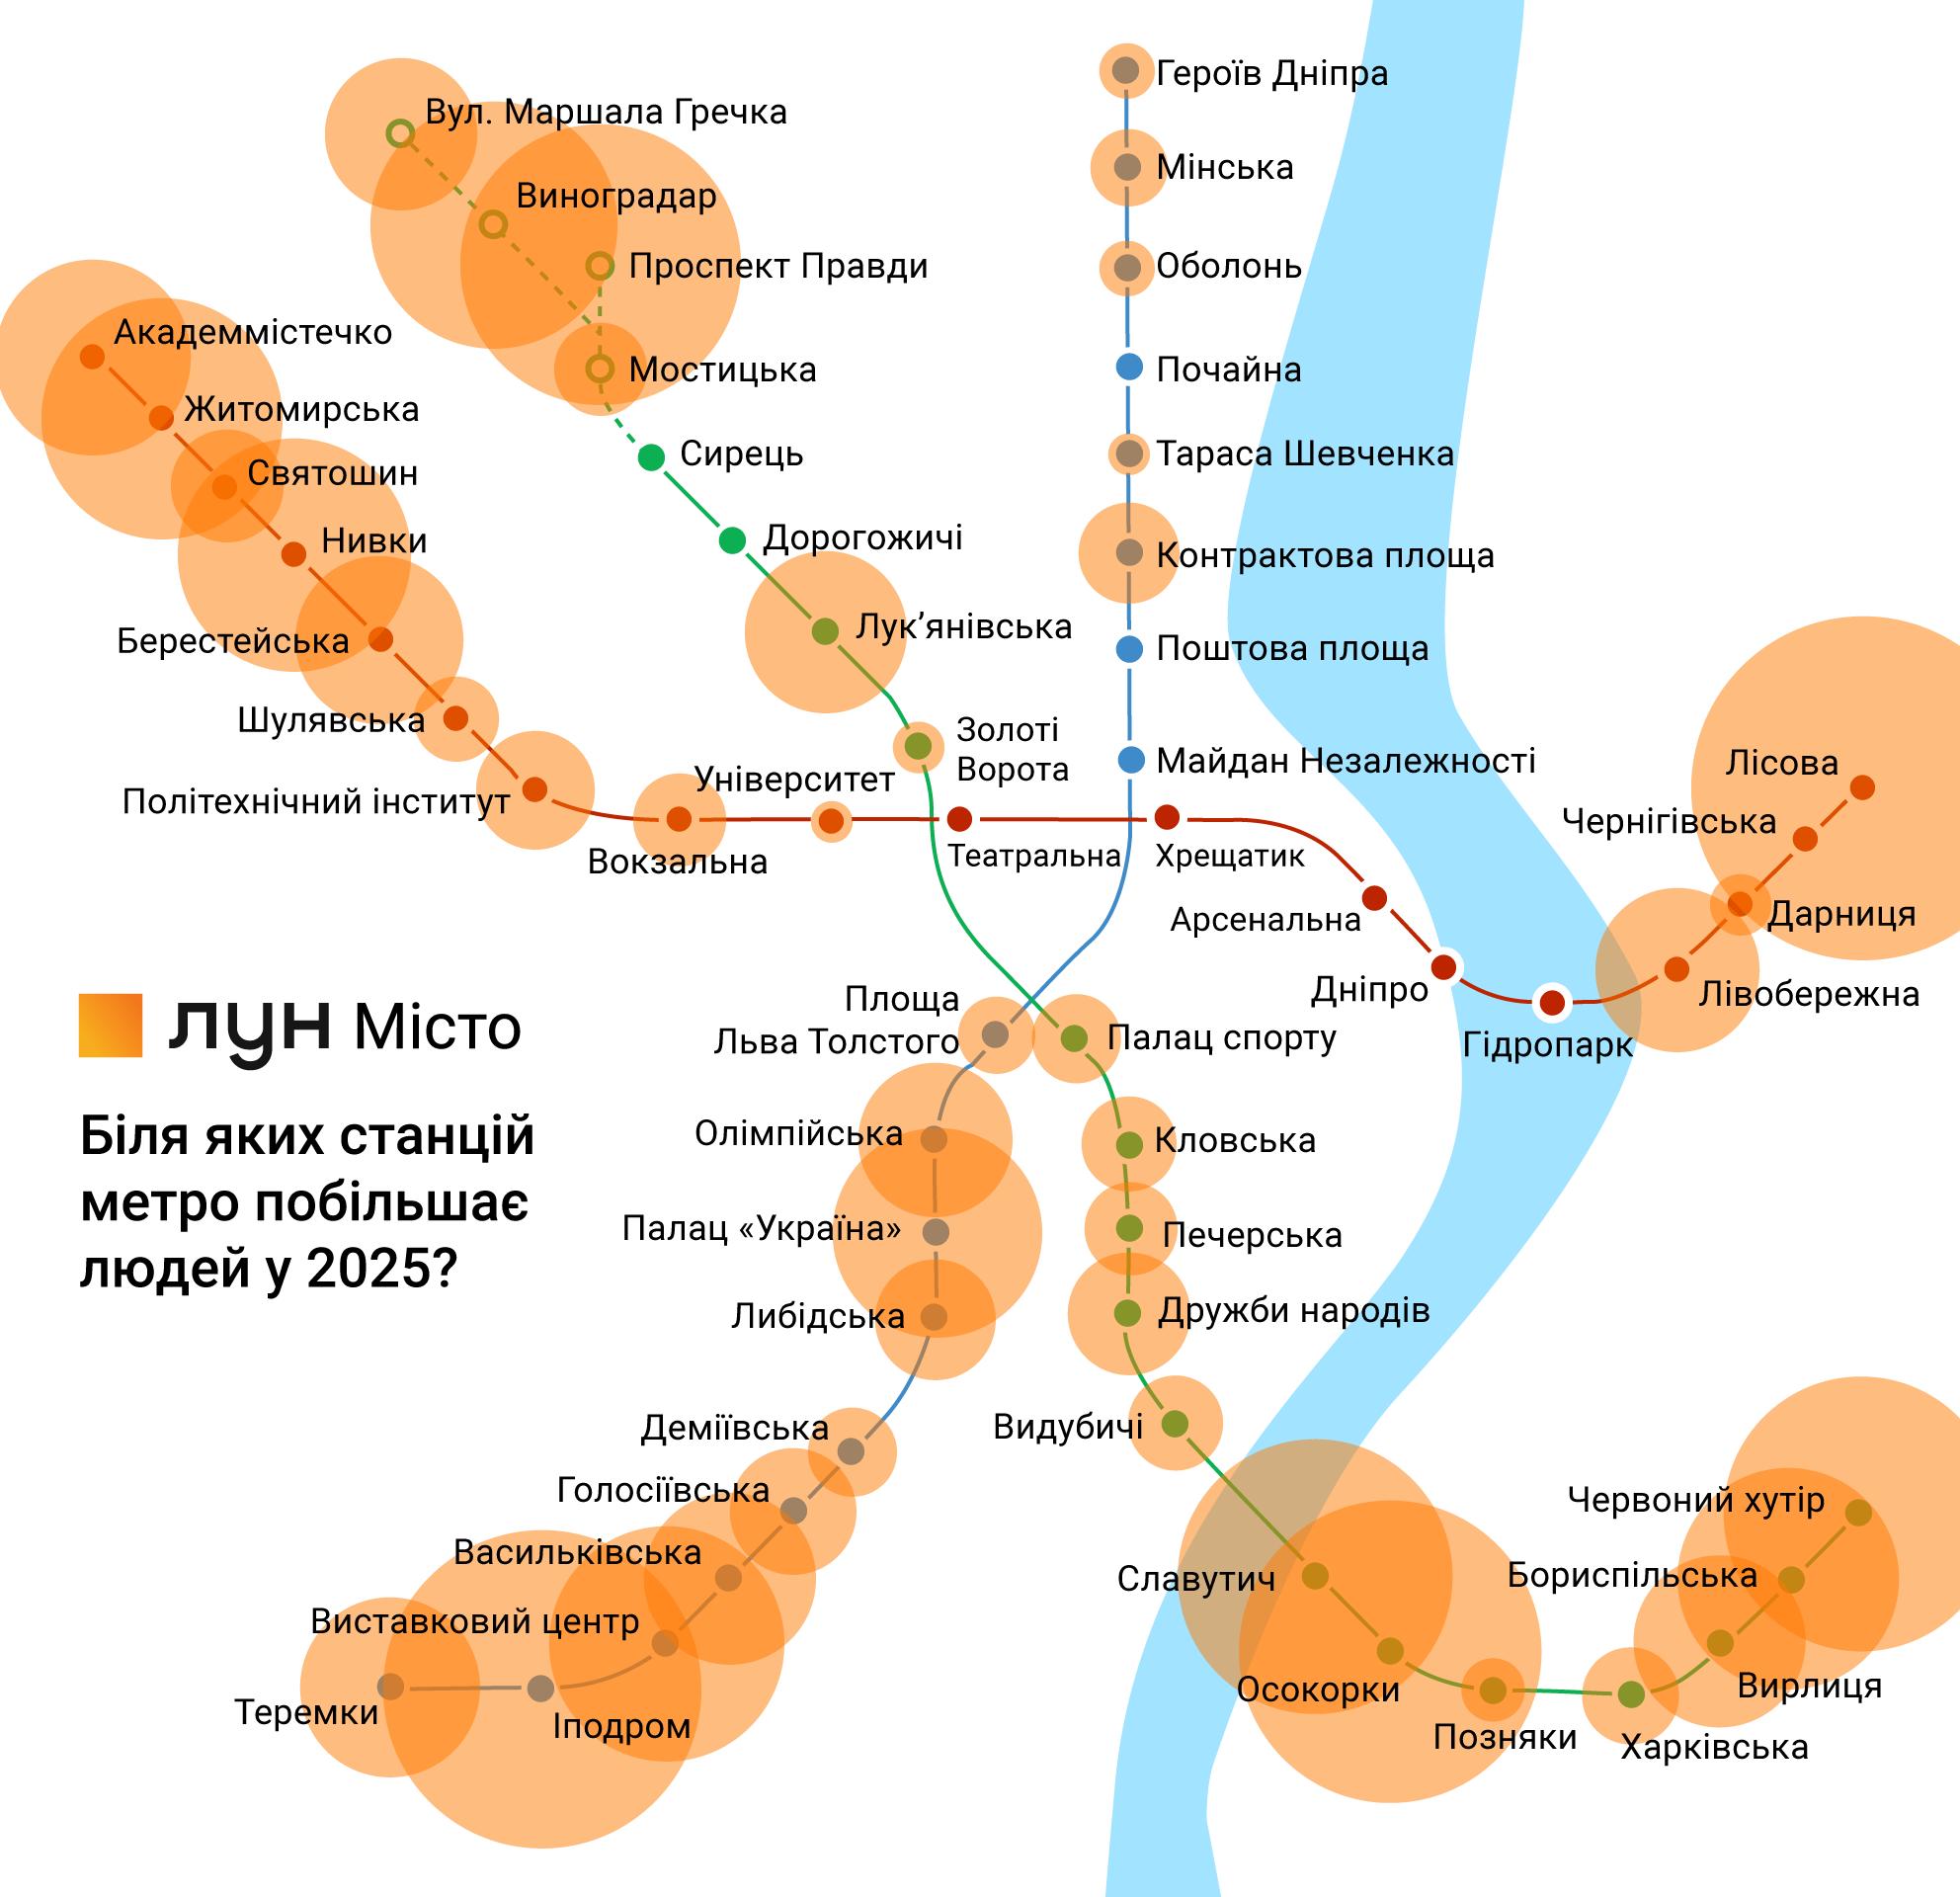 Метро или не метро. Как развивать транспорт в Киеве? 2